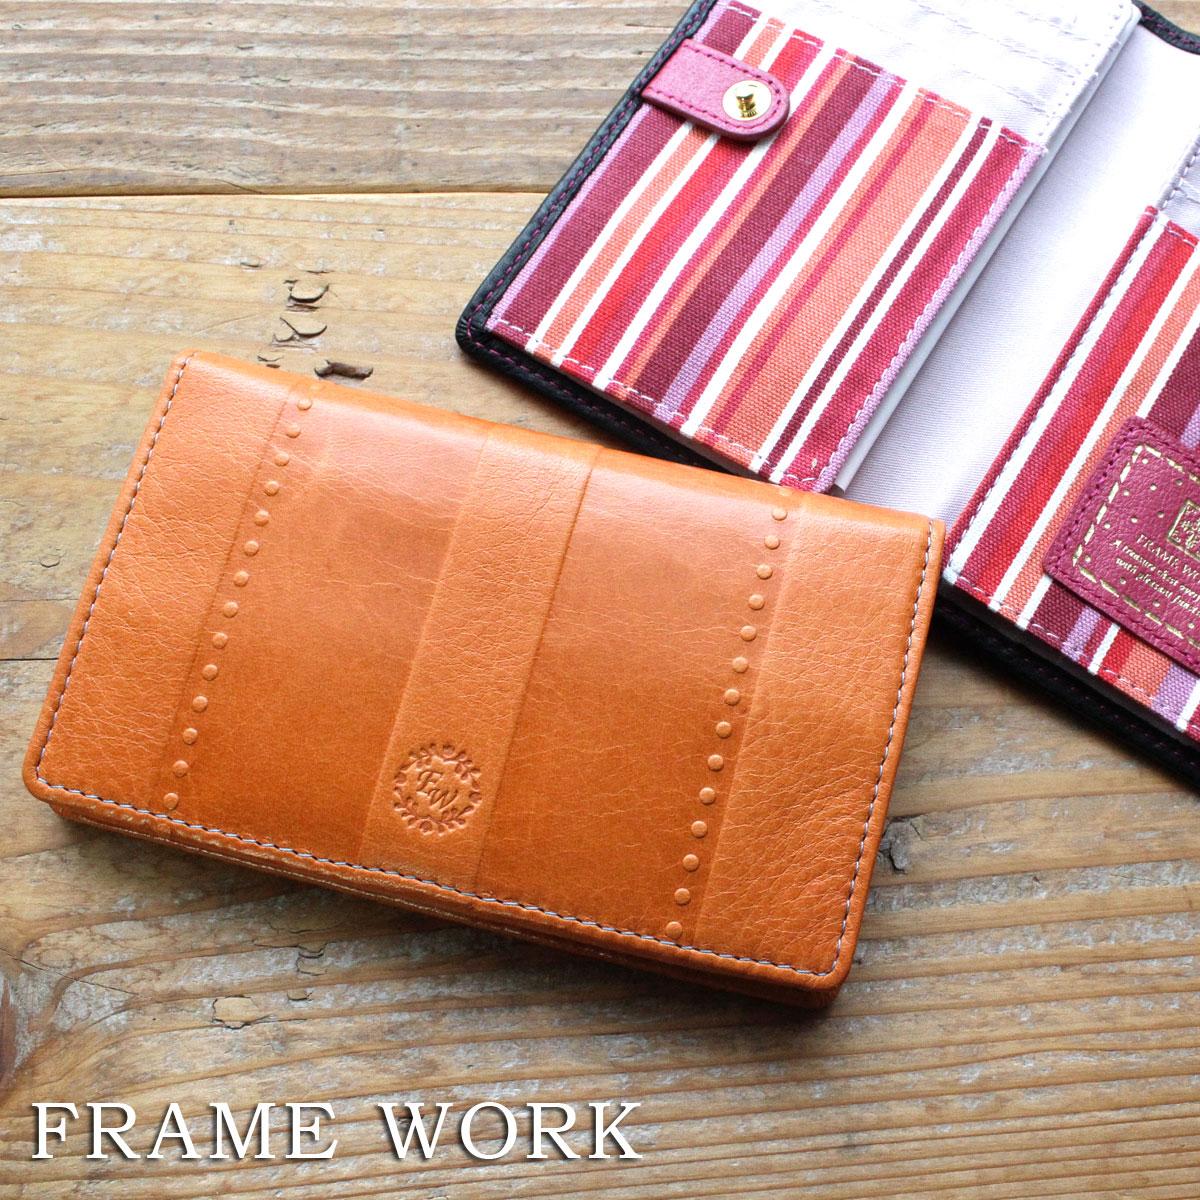 FRAME WORK フレームワーク リタルダンド カードケース 牛革×豚革 0045715【ゆうパケット可能】